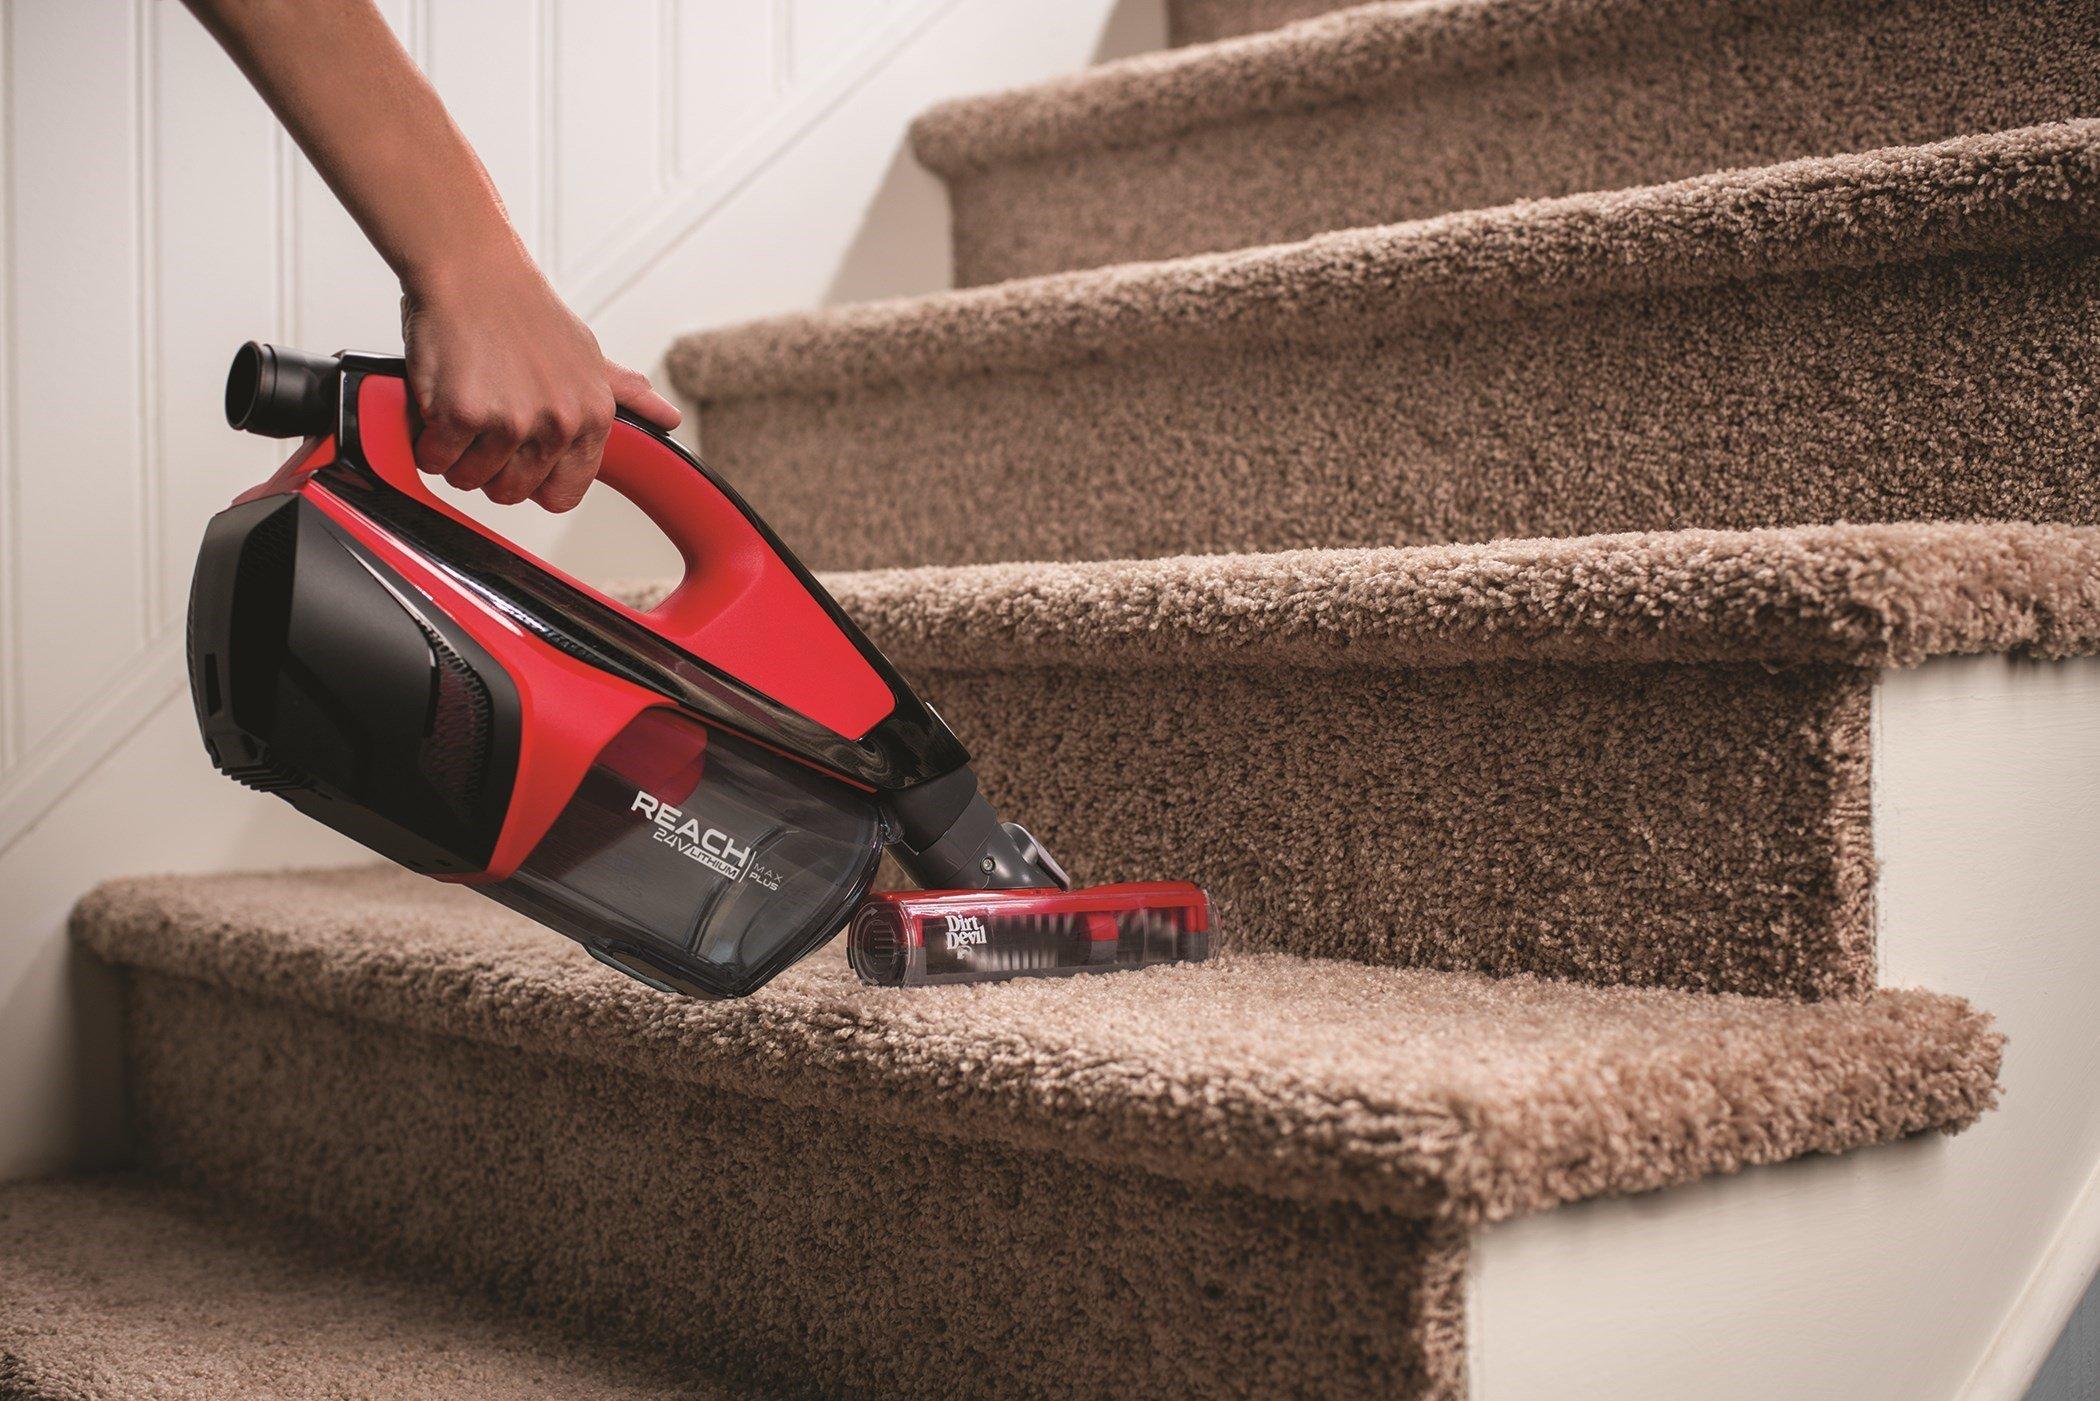 Reach Max Plus 3-in-1 Cordless Stick Vacuum3